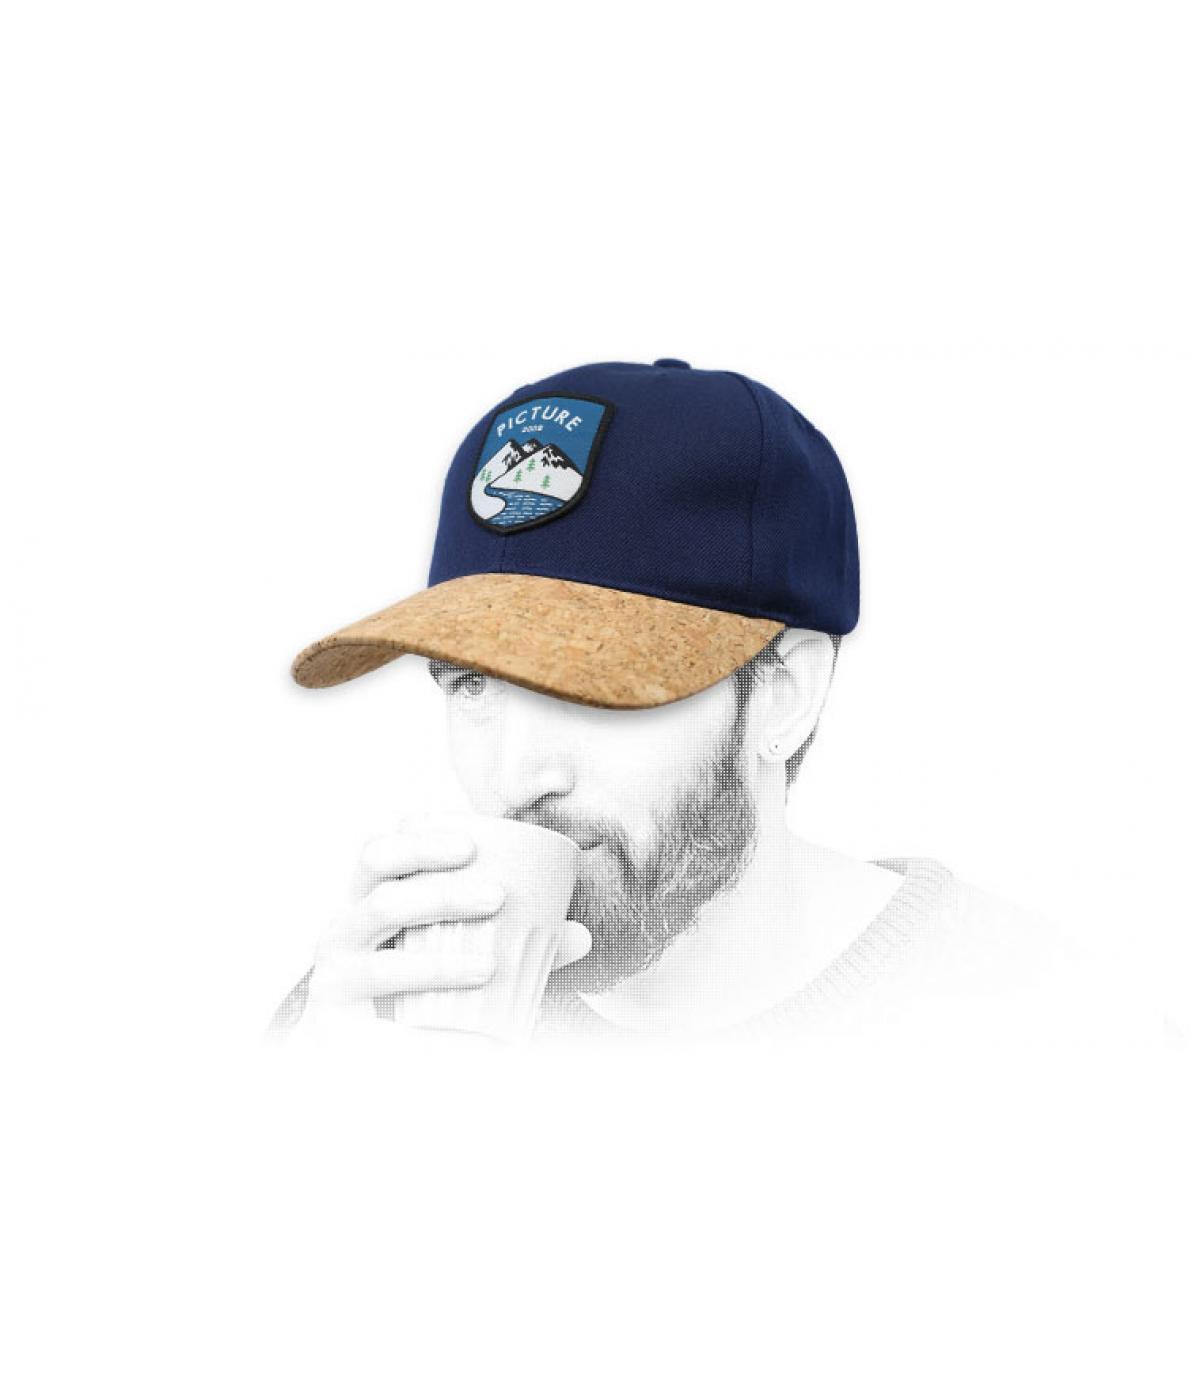 Cap Picture blau Kork